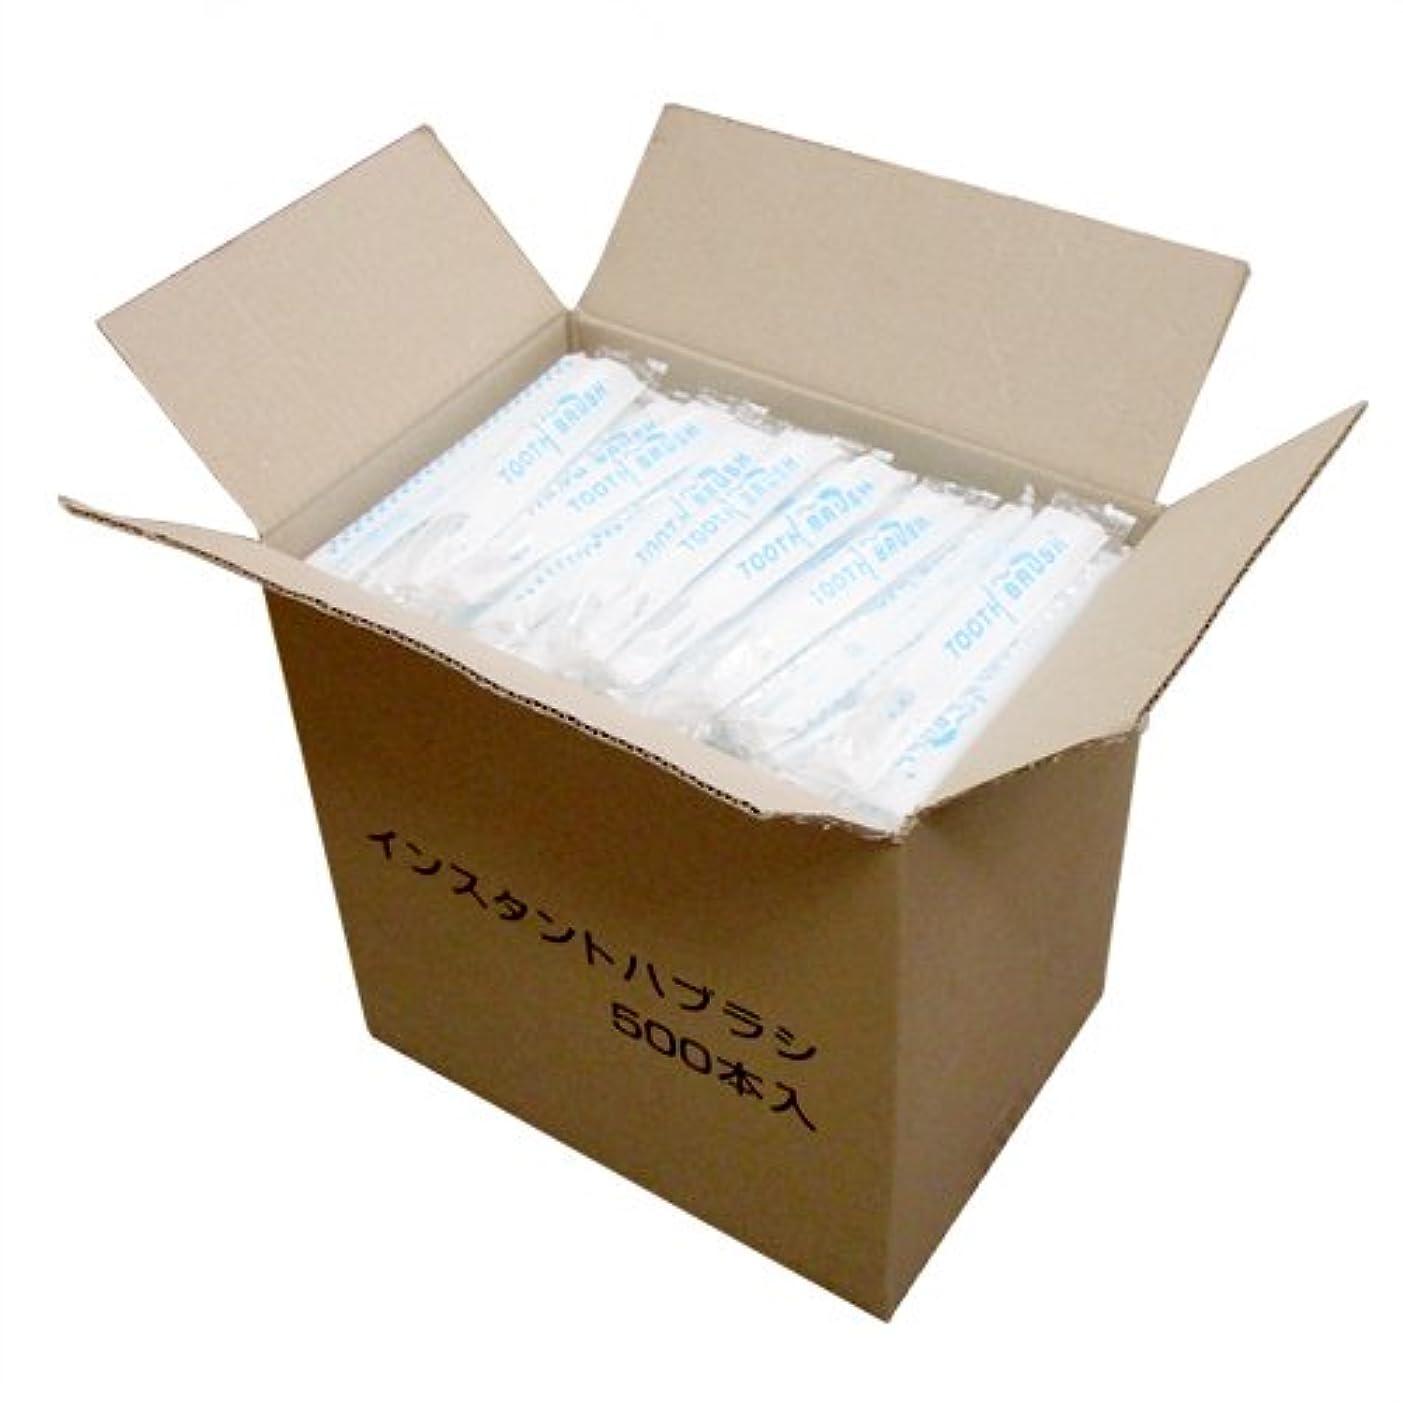 欠員キャメルセンチメートル業務用 日本製 使い捨て粉付き歯ブラシ 個包装タイプ 500本入×1箱│ホテルアメニティ